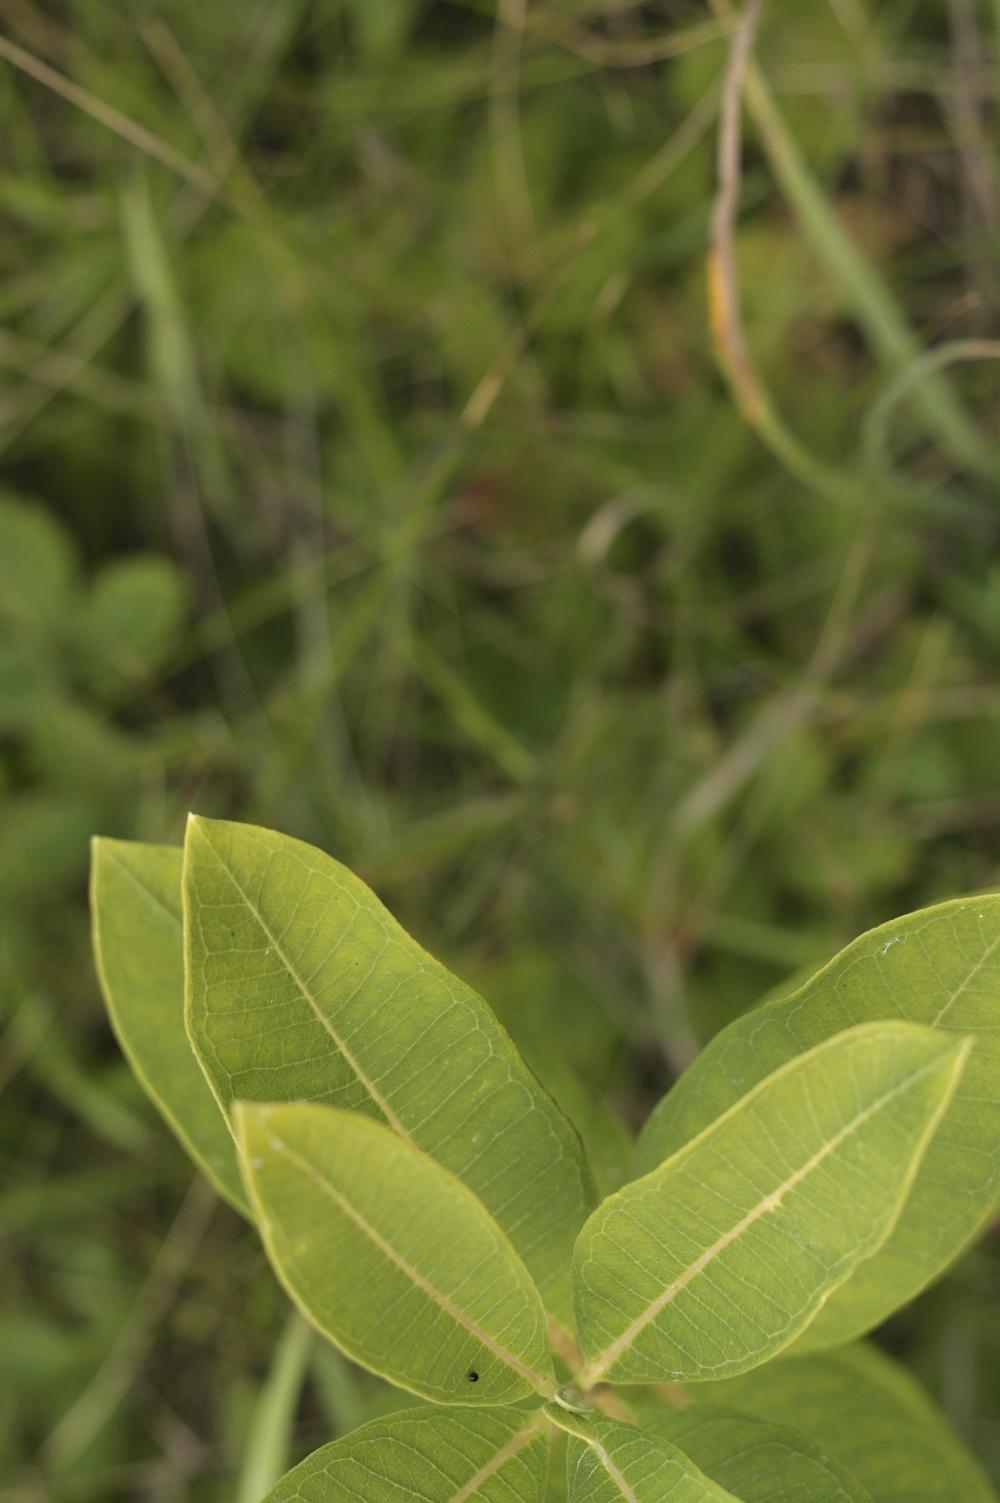 Milkweed.